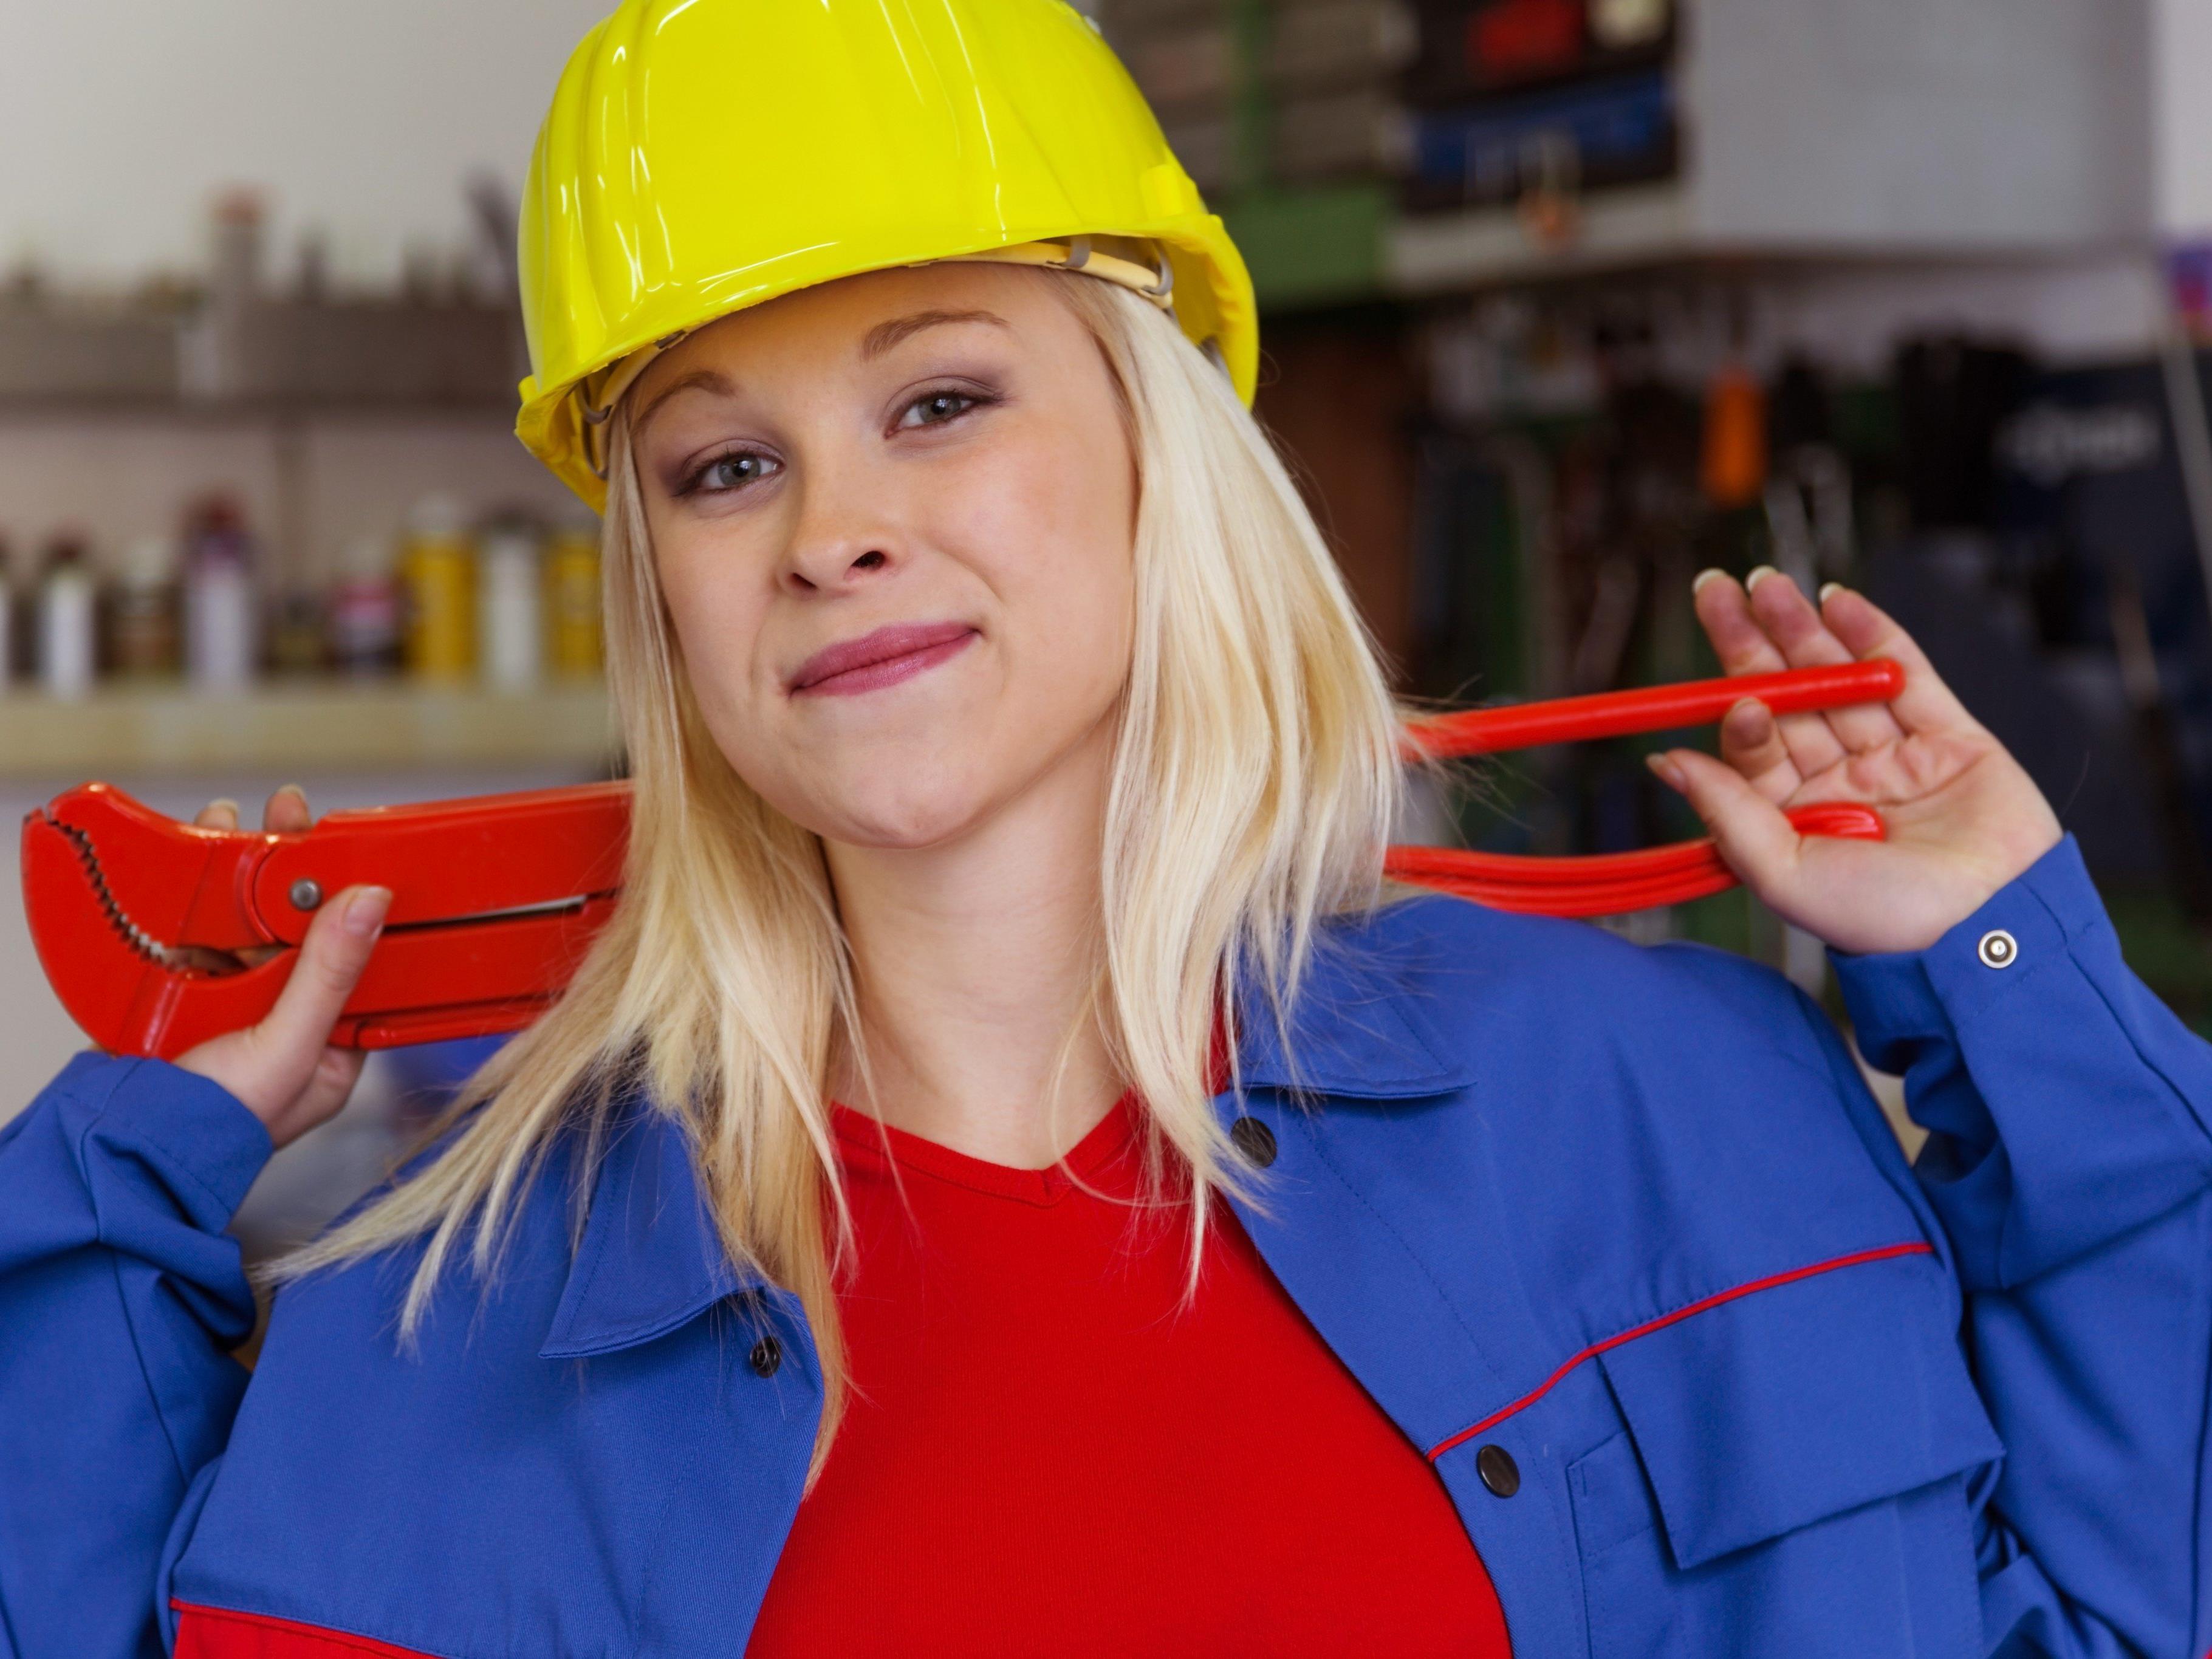 Land investiert weitere 1,27 Millionen Euro in die Jugendbeschäftigung.